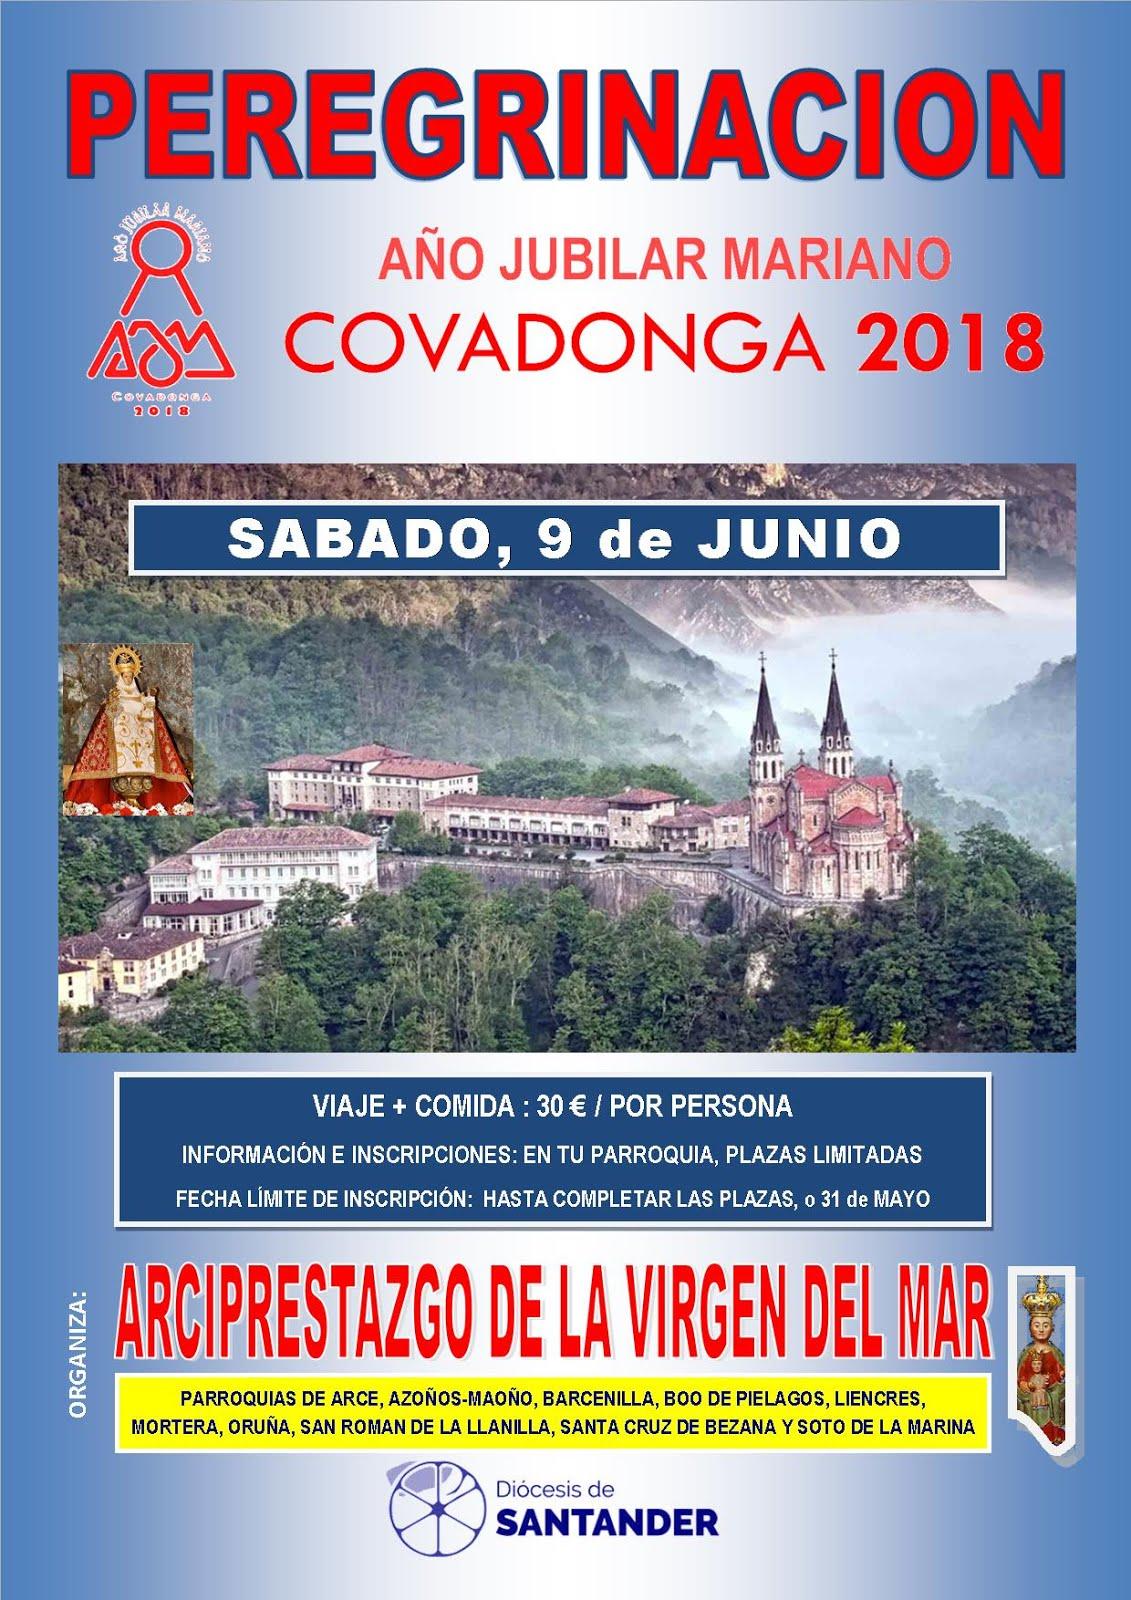 PEREGRINACION AL SANTUARIO DE COVADONGA_AÑO JUBILAR MARIANO